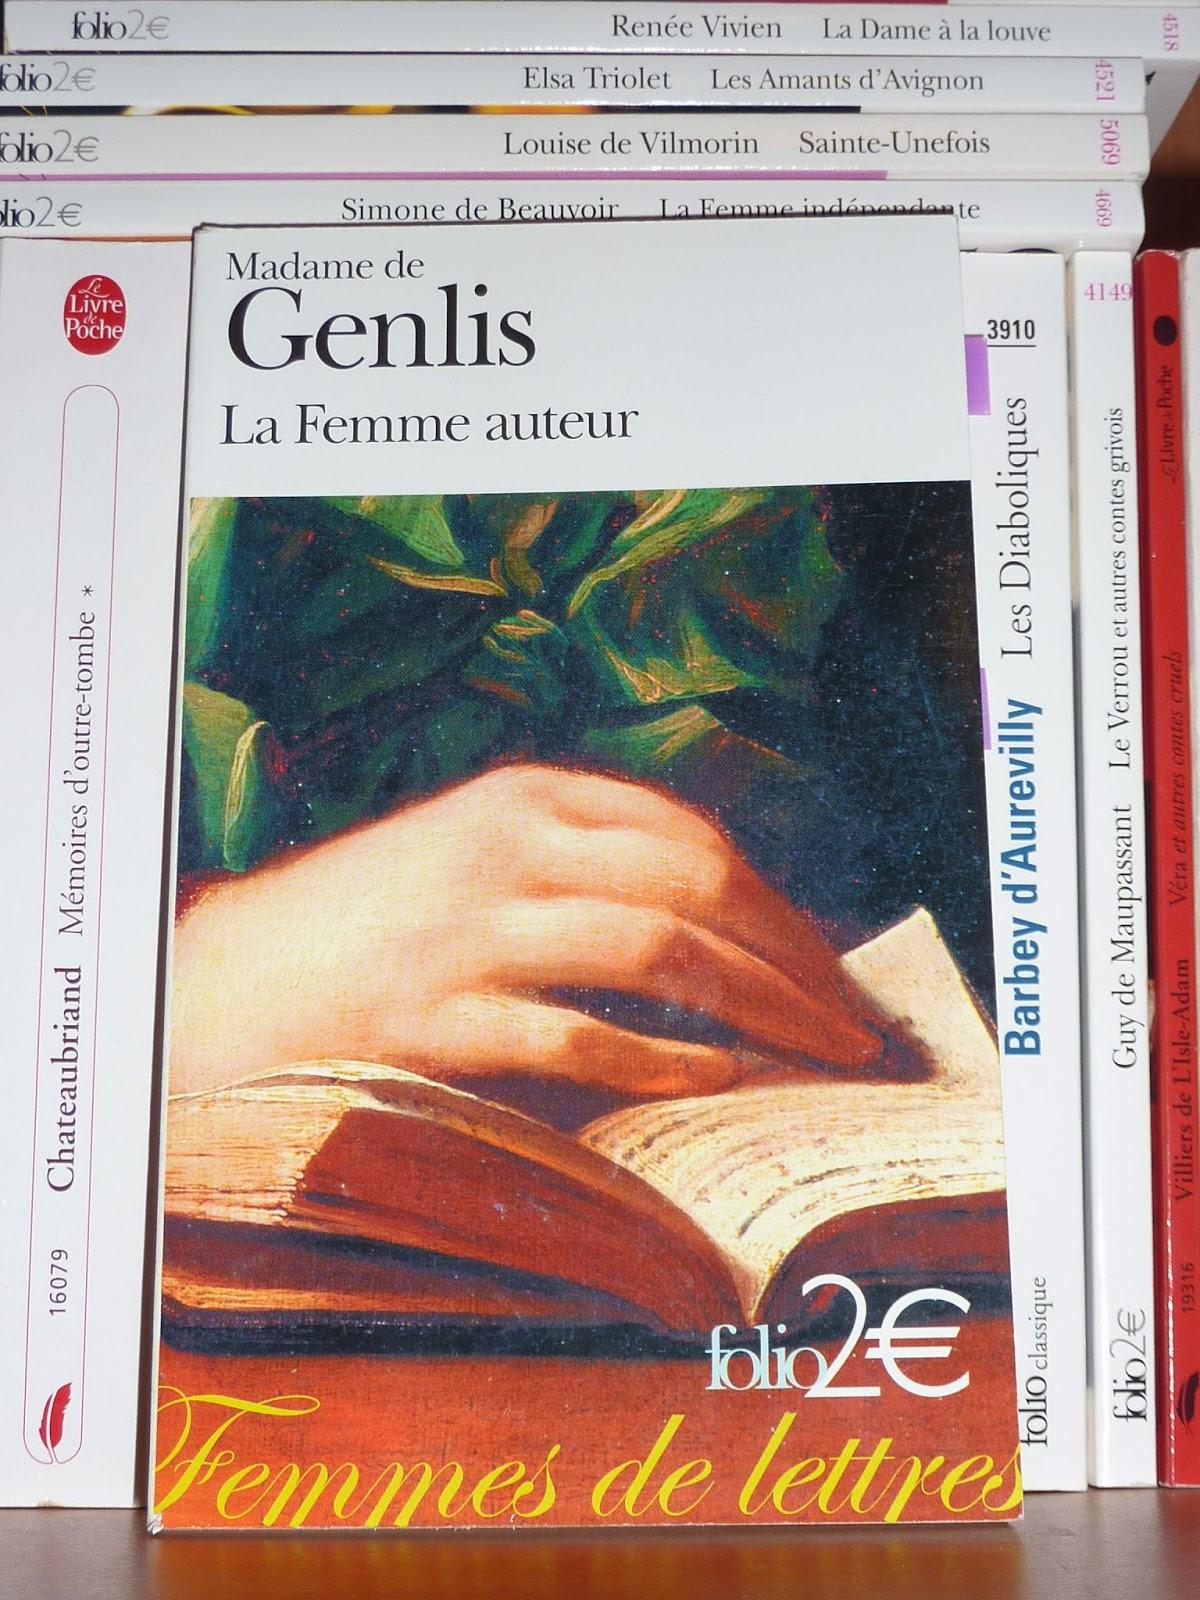 La femme auteur - Madame de Genlis